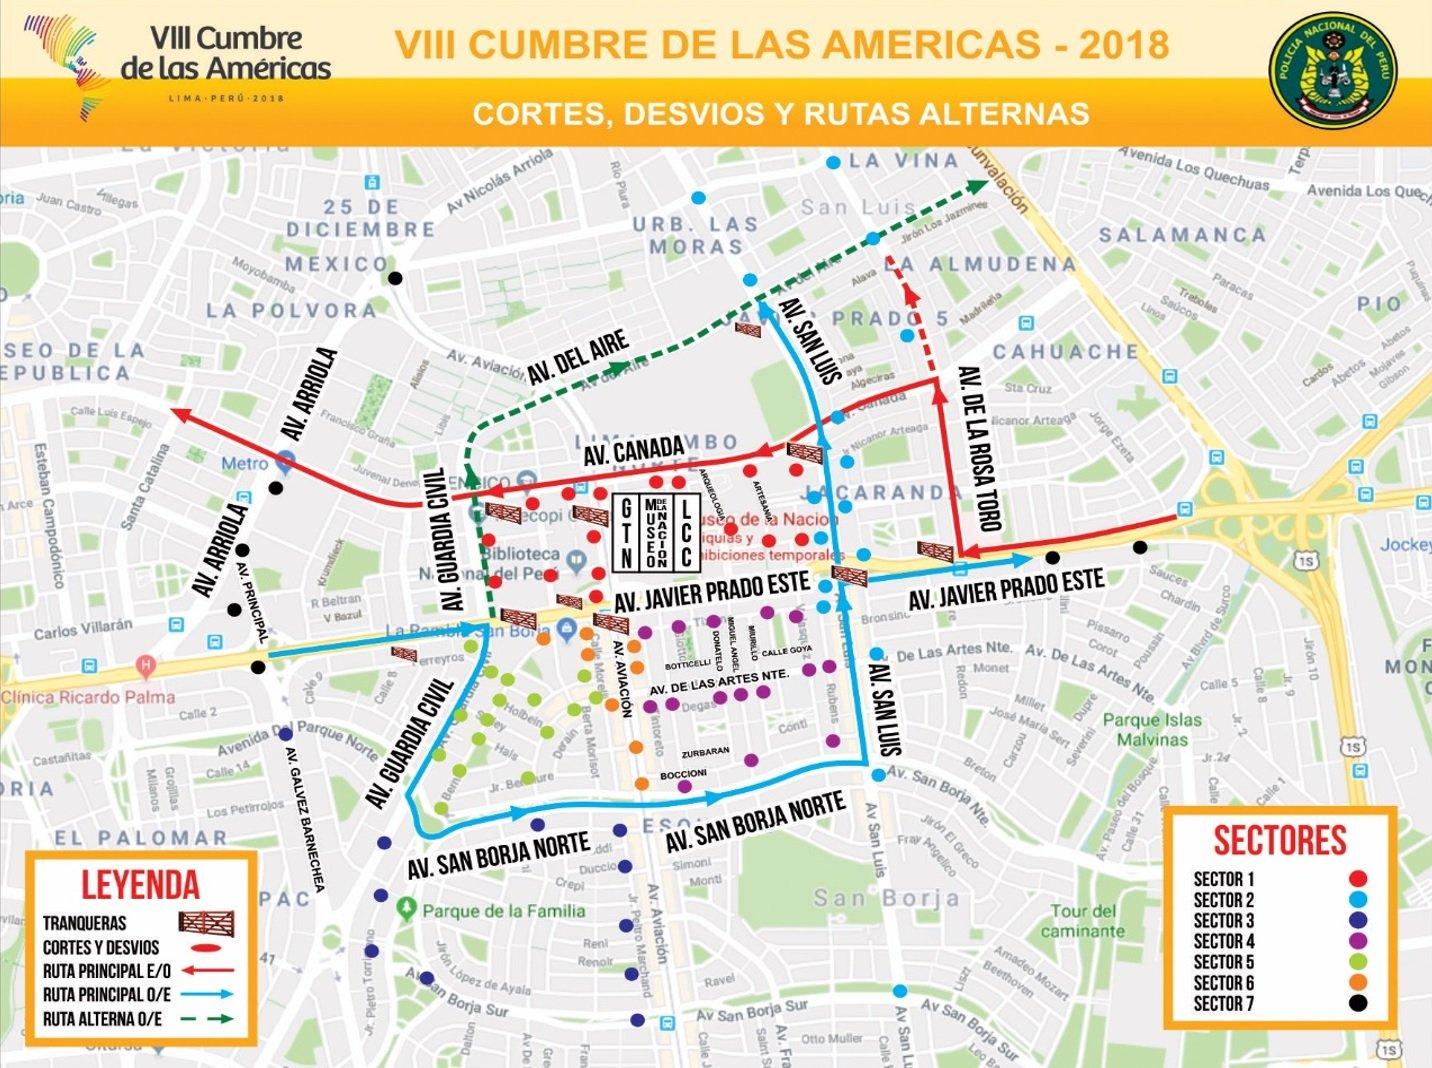 Cumbre de las Américas, plan de desvíos San Isidro, San Borja, Miraflores